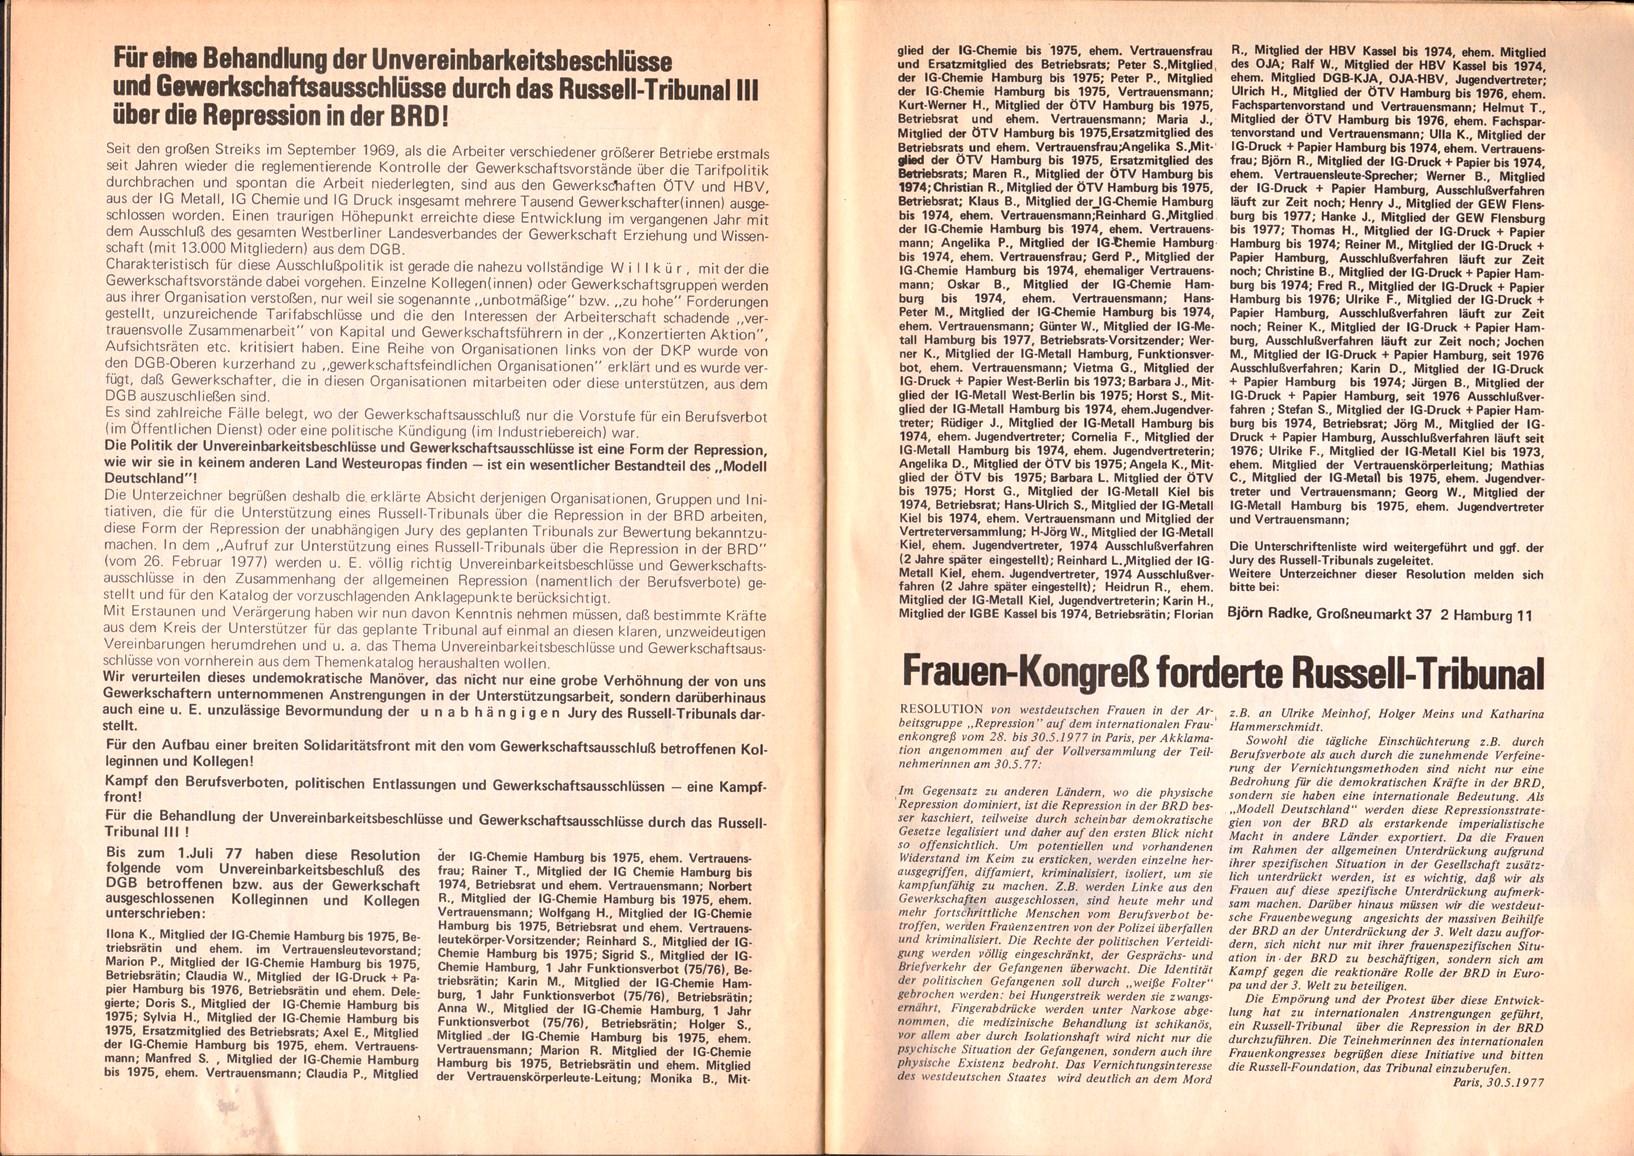 KB_Anti_Repressionsinfo_03_1977_14